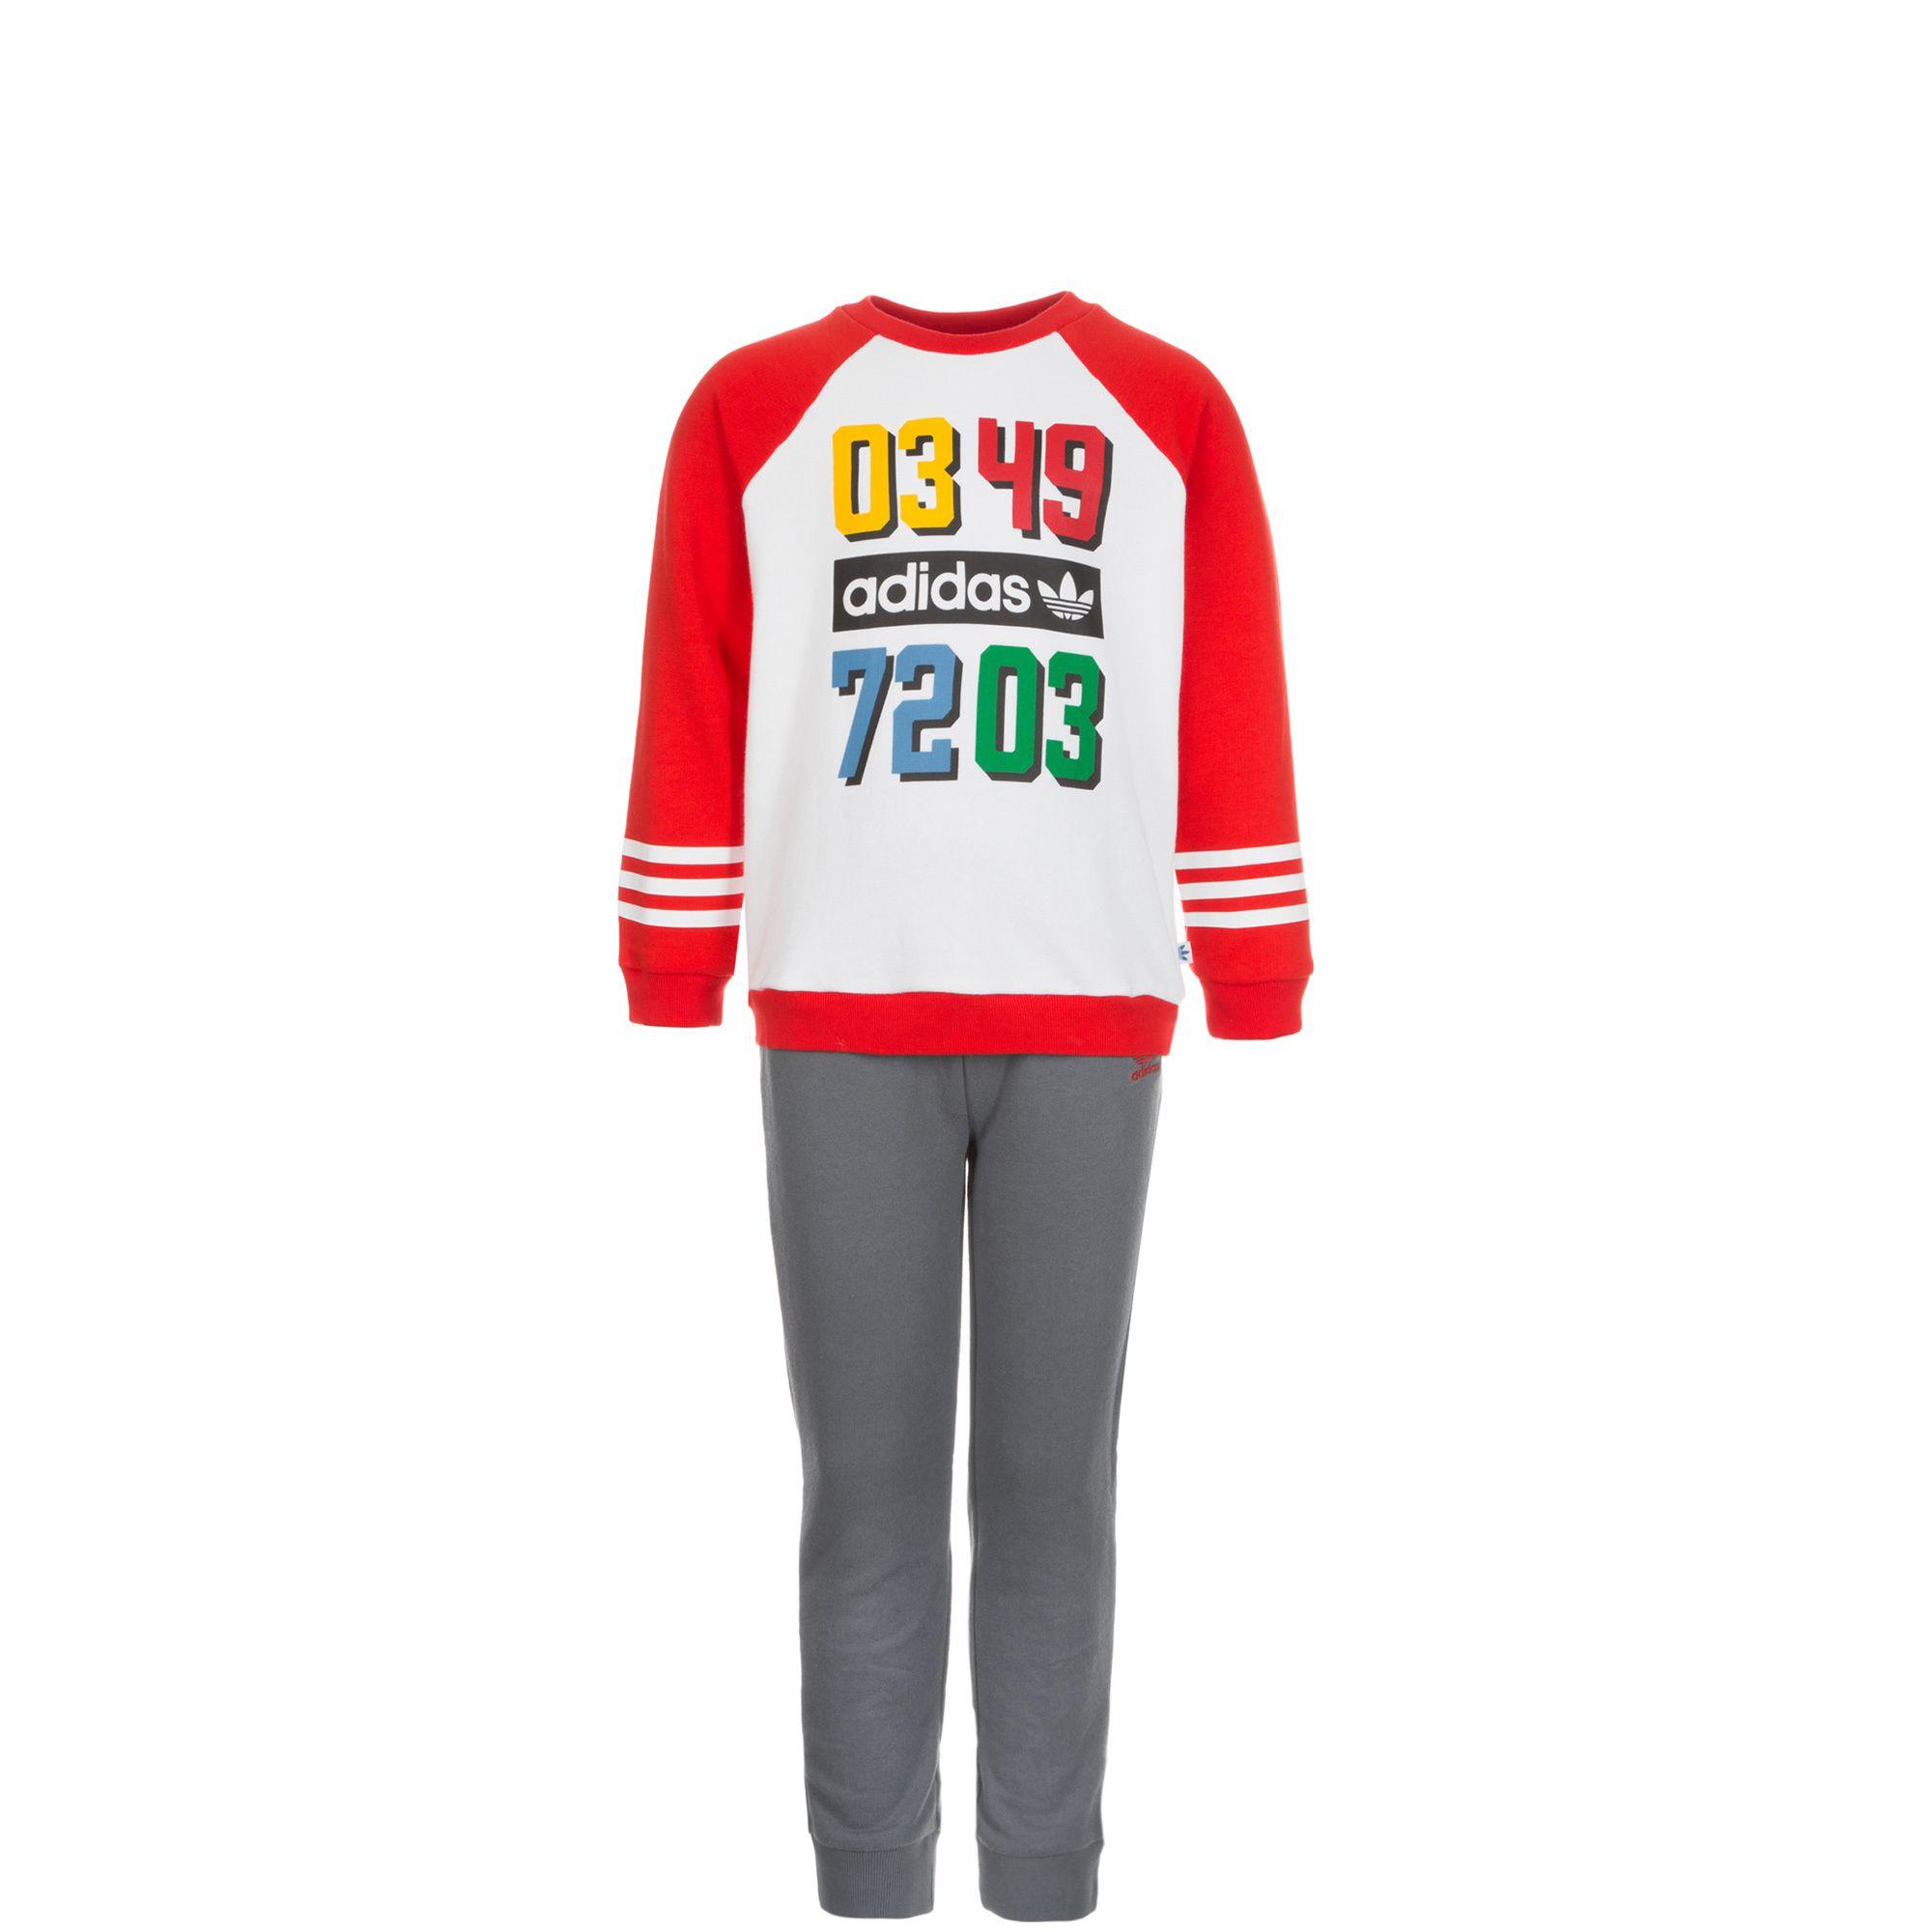 ADIDAS ORIGINALS adidas Originals Set: YWF Crew Freizeitanzug Kleinkinder (Packung, 2 tlg.)